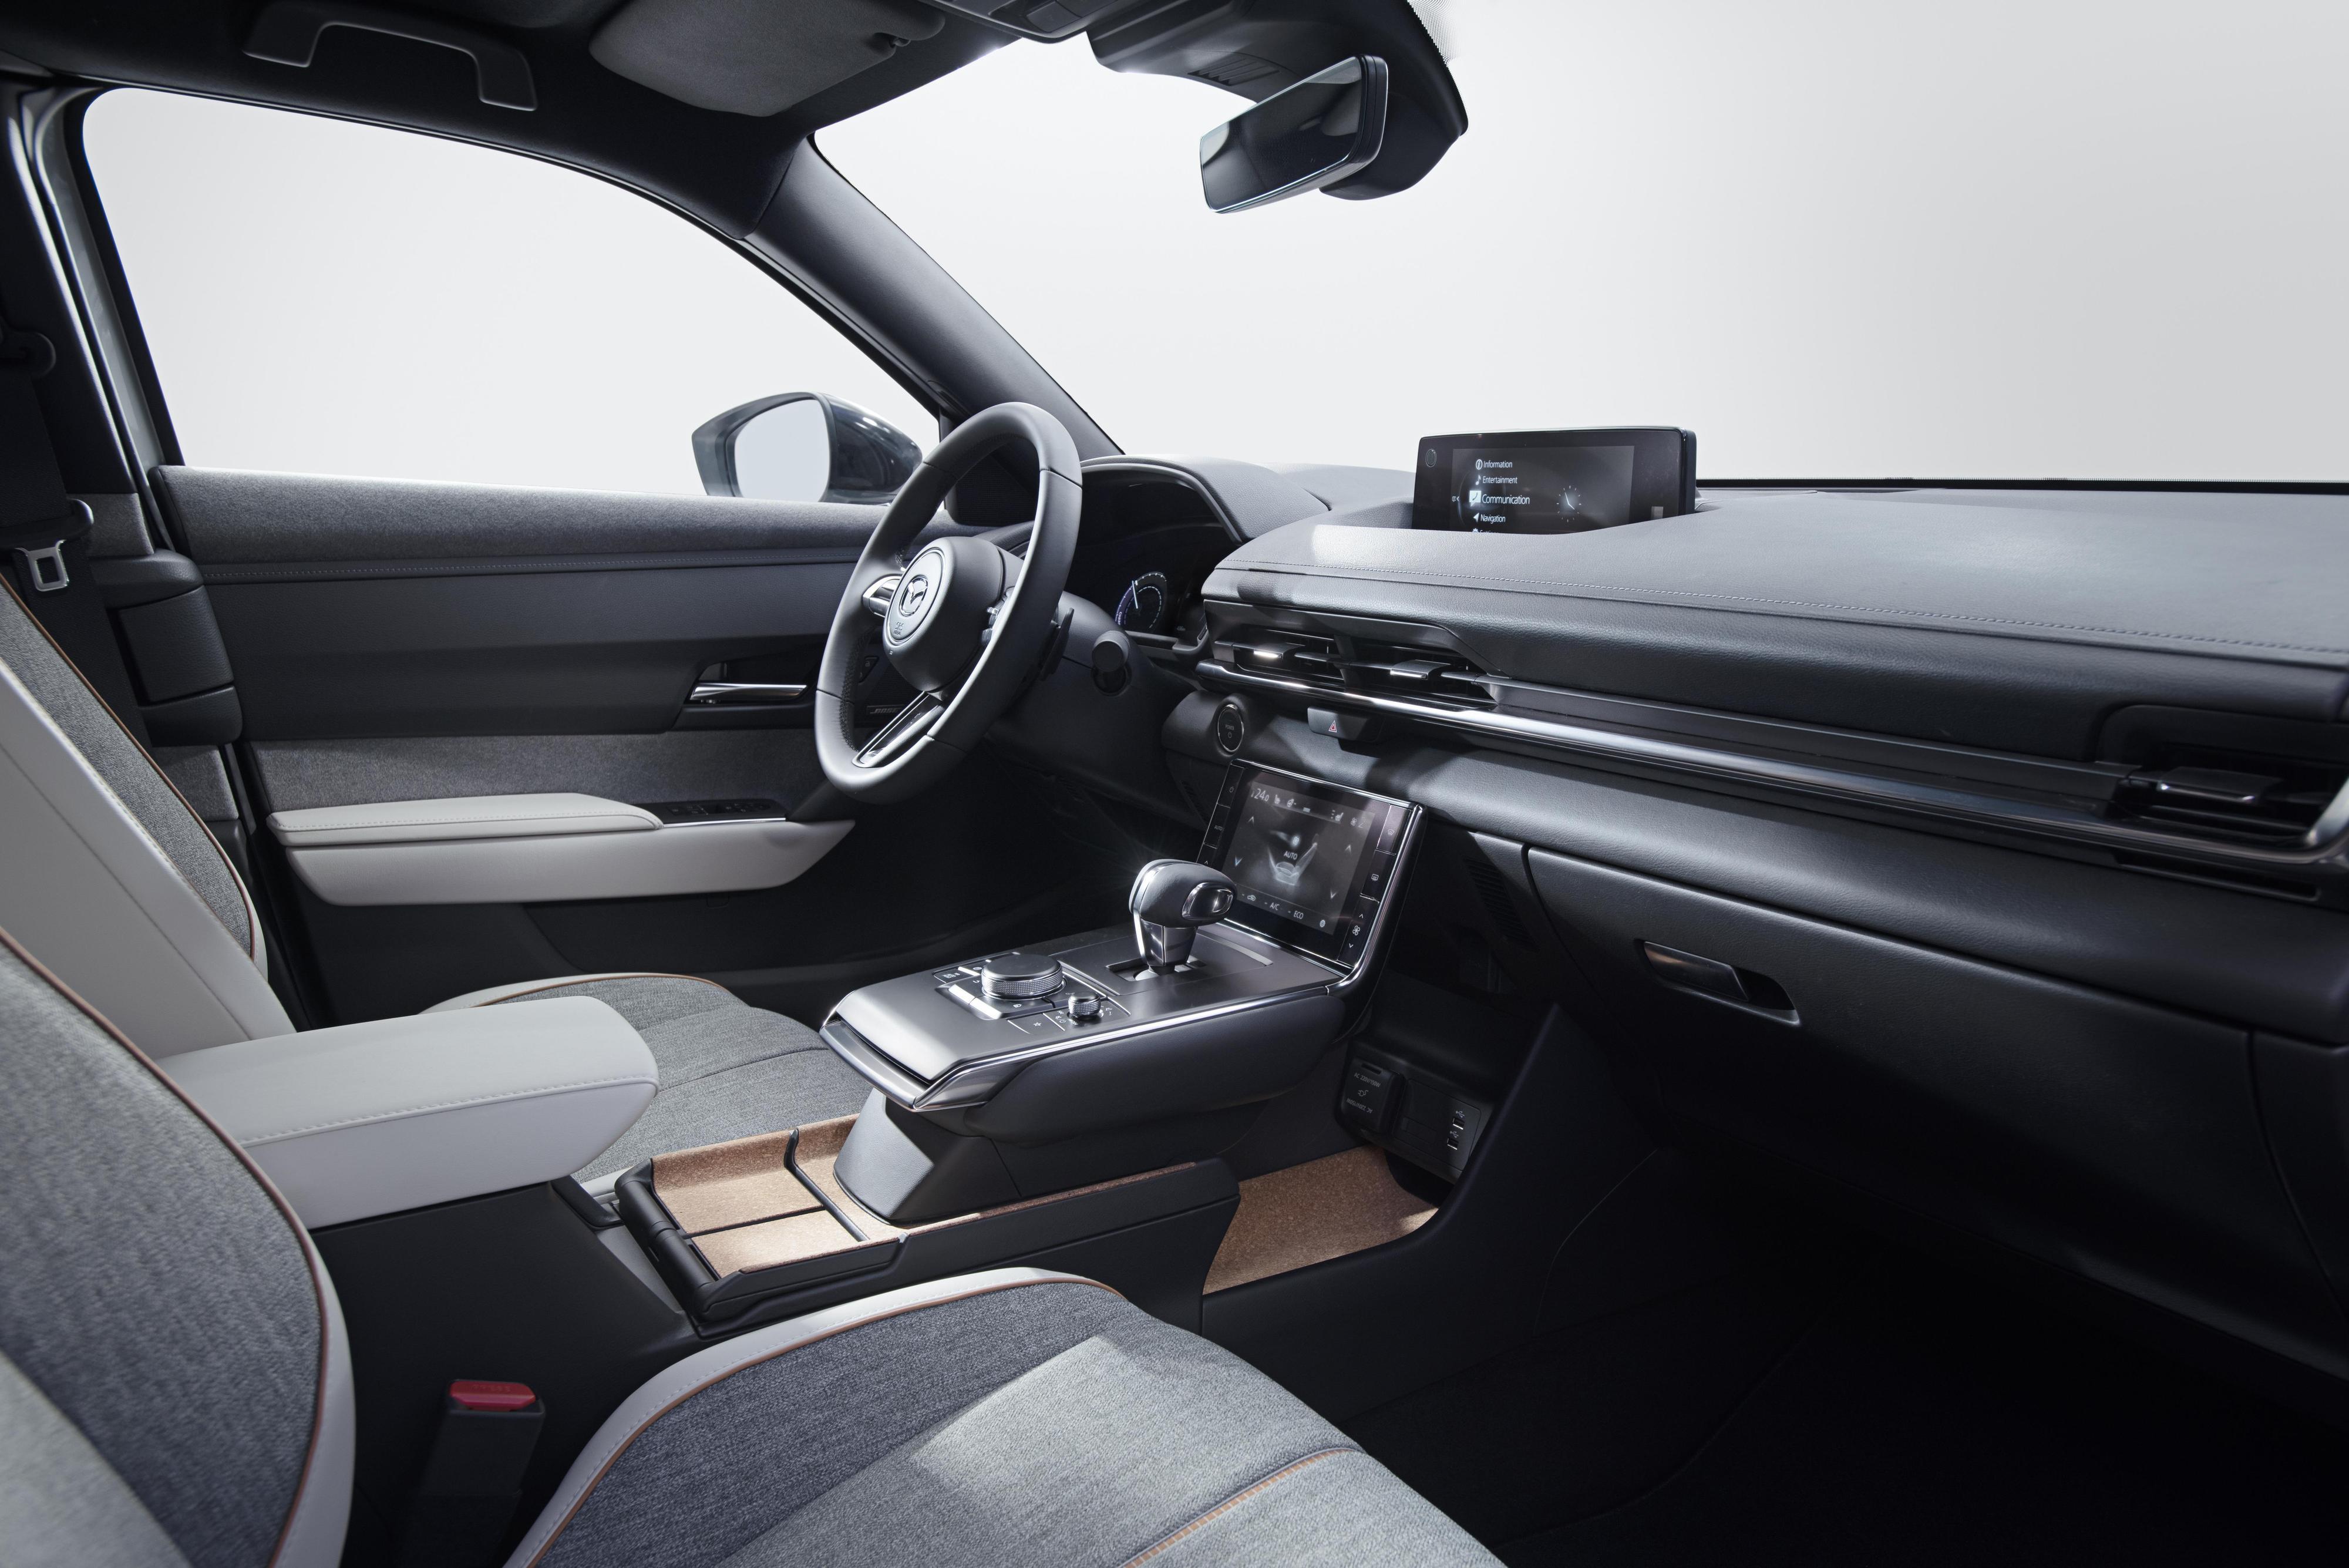 En touchskjerm for å håndtere blant annet klimaanlegget er nytt for Mazda. First Edition vil også komme med head up-display.